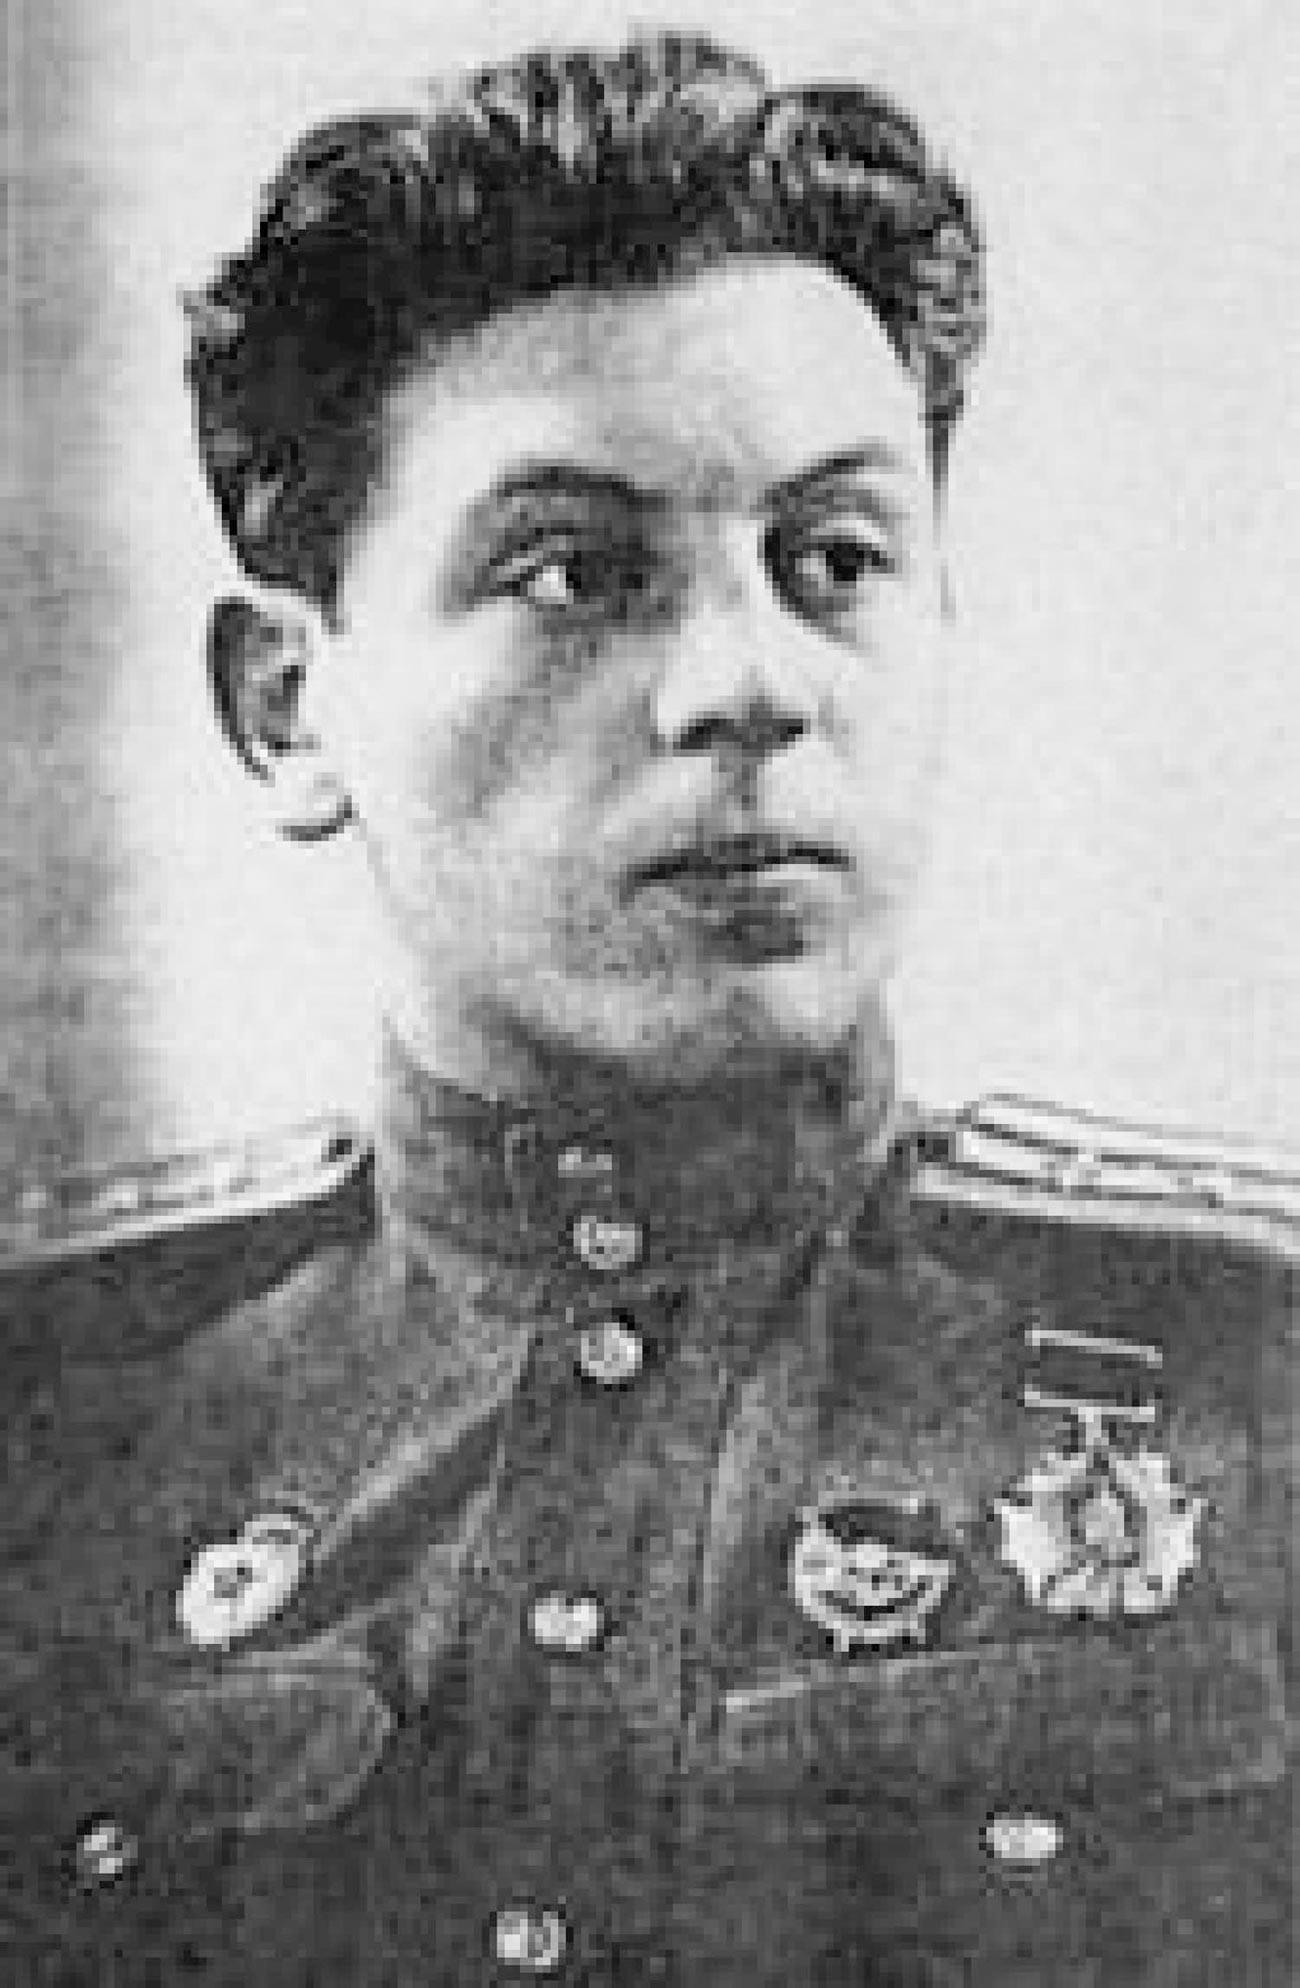 Polkovnik Vasilij Stalin